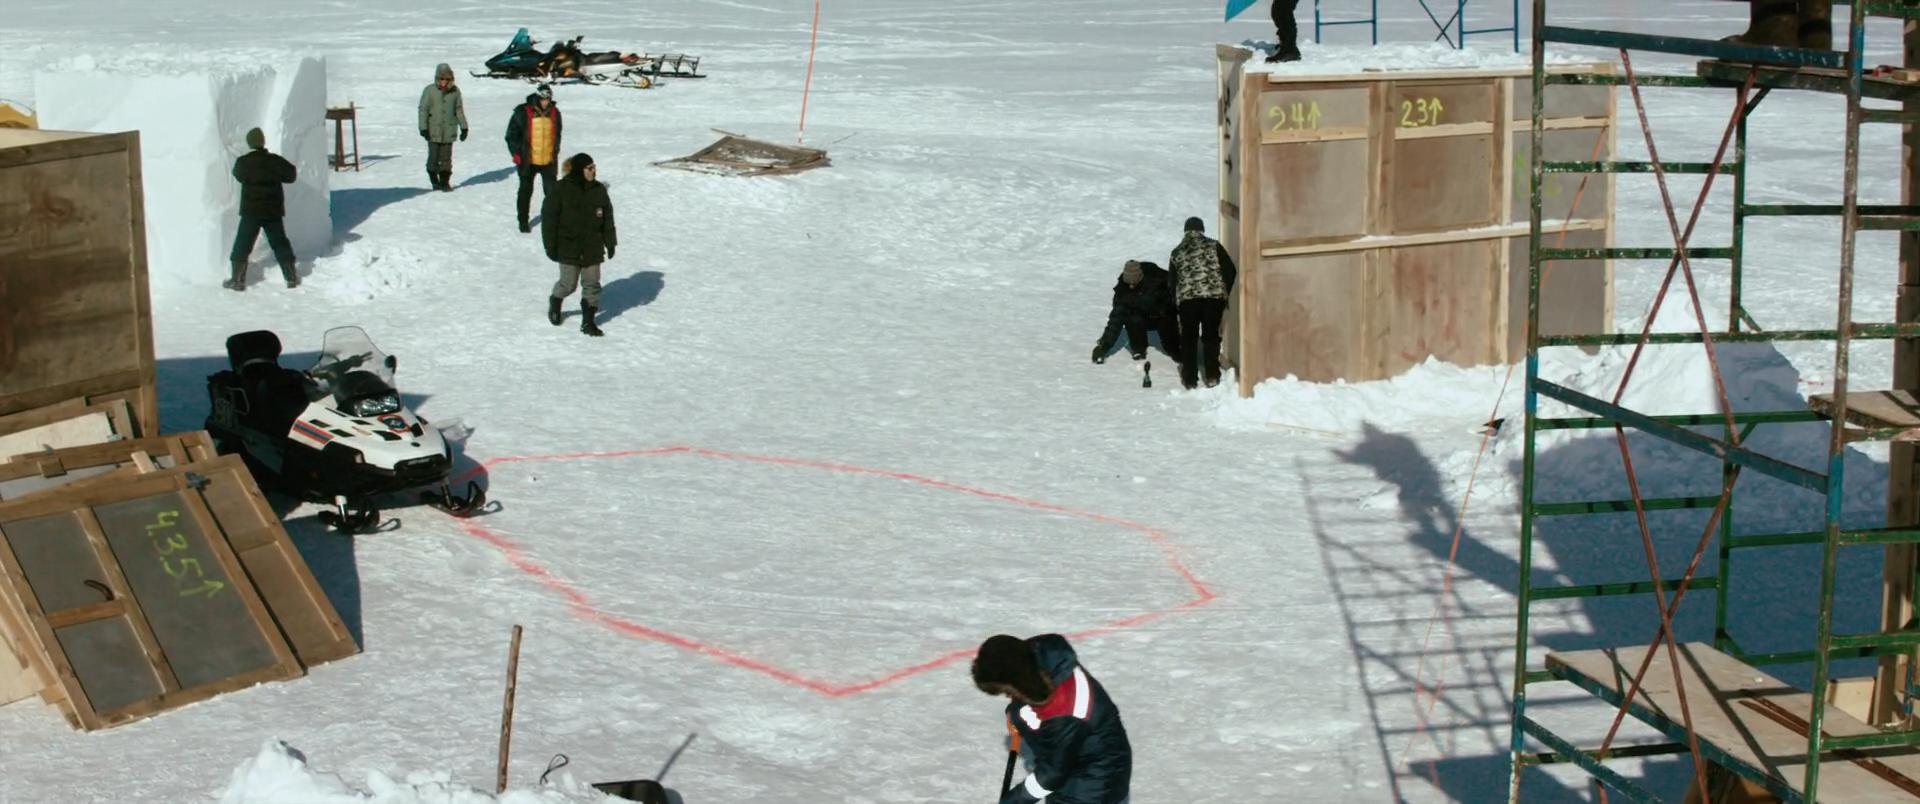 Пингвин нашего времени 2015 WEB-DL 1080p.mkv_snapshot_01.01.07_[2015.12.16_09.36.25].png